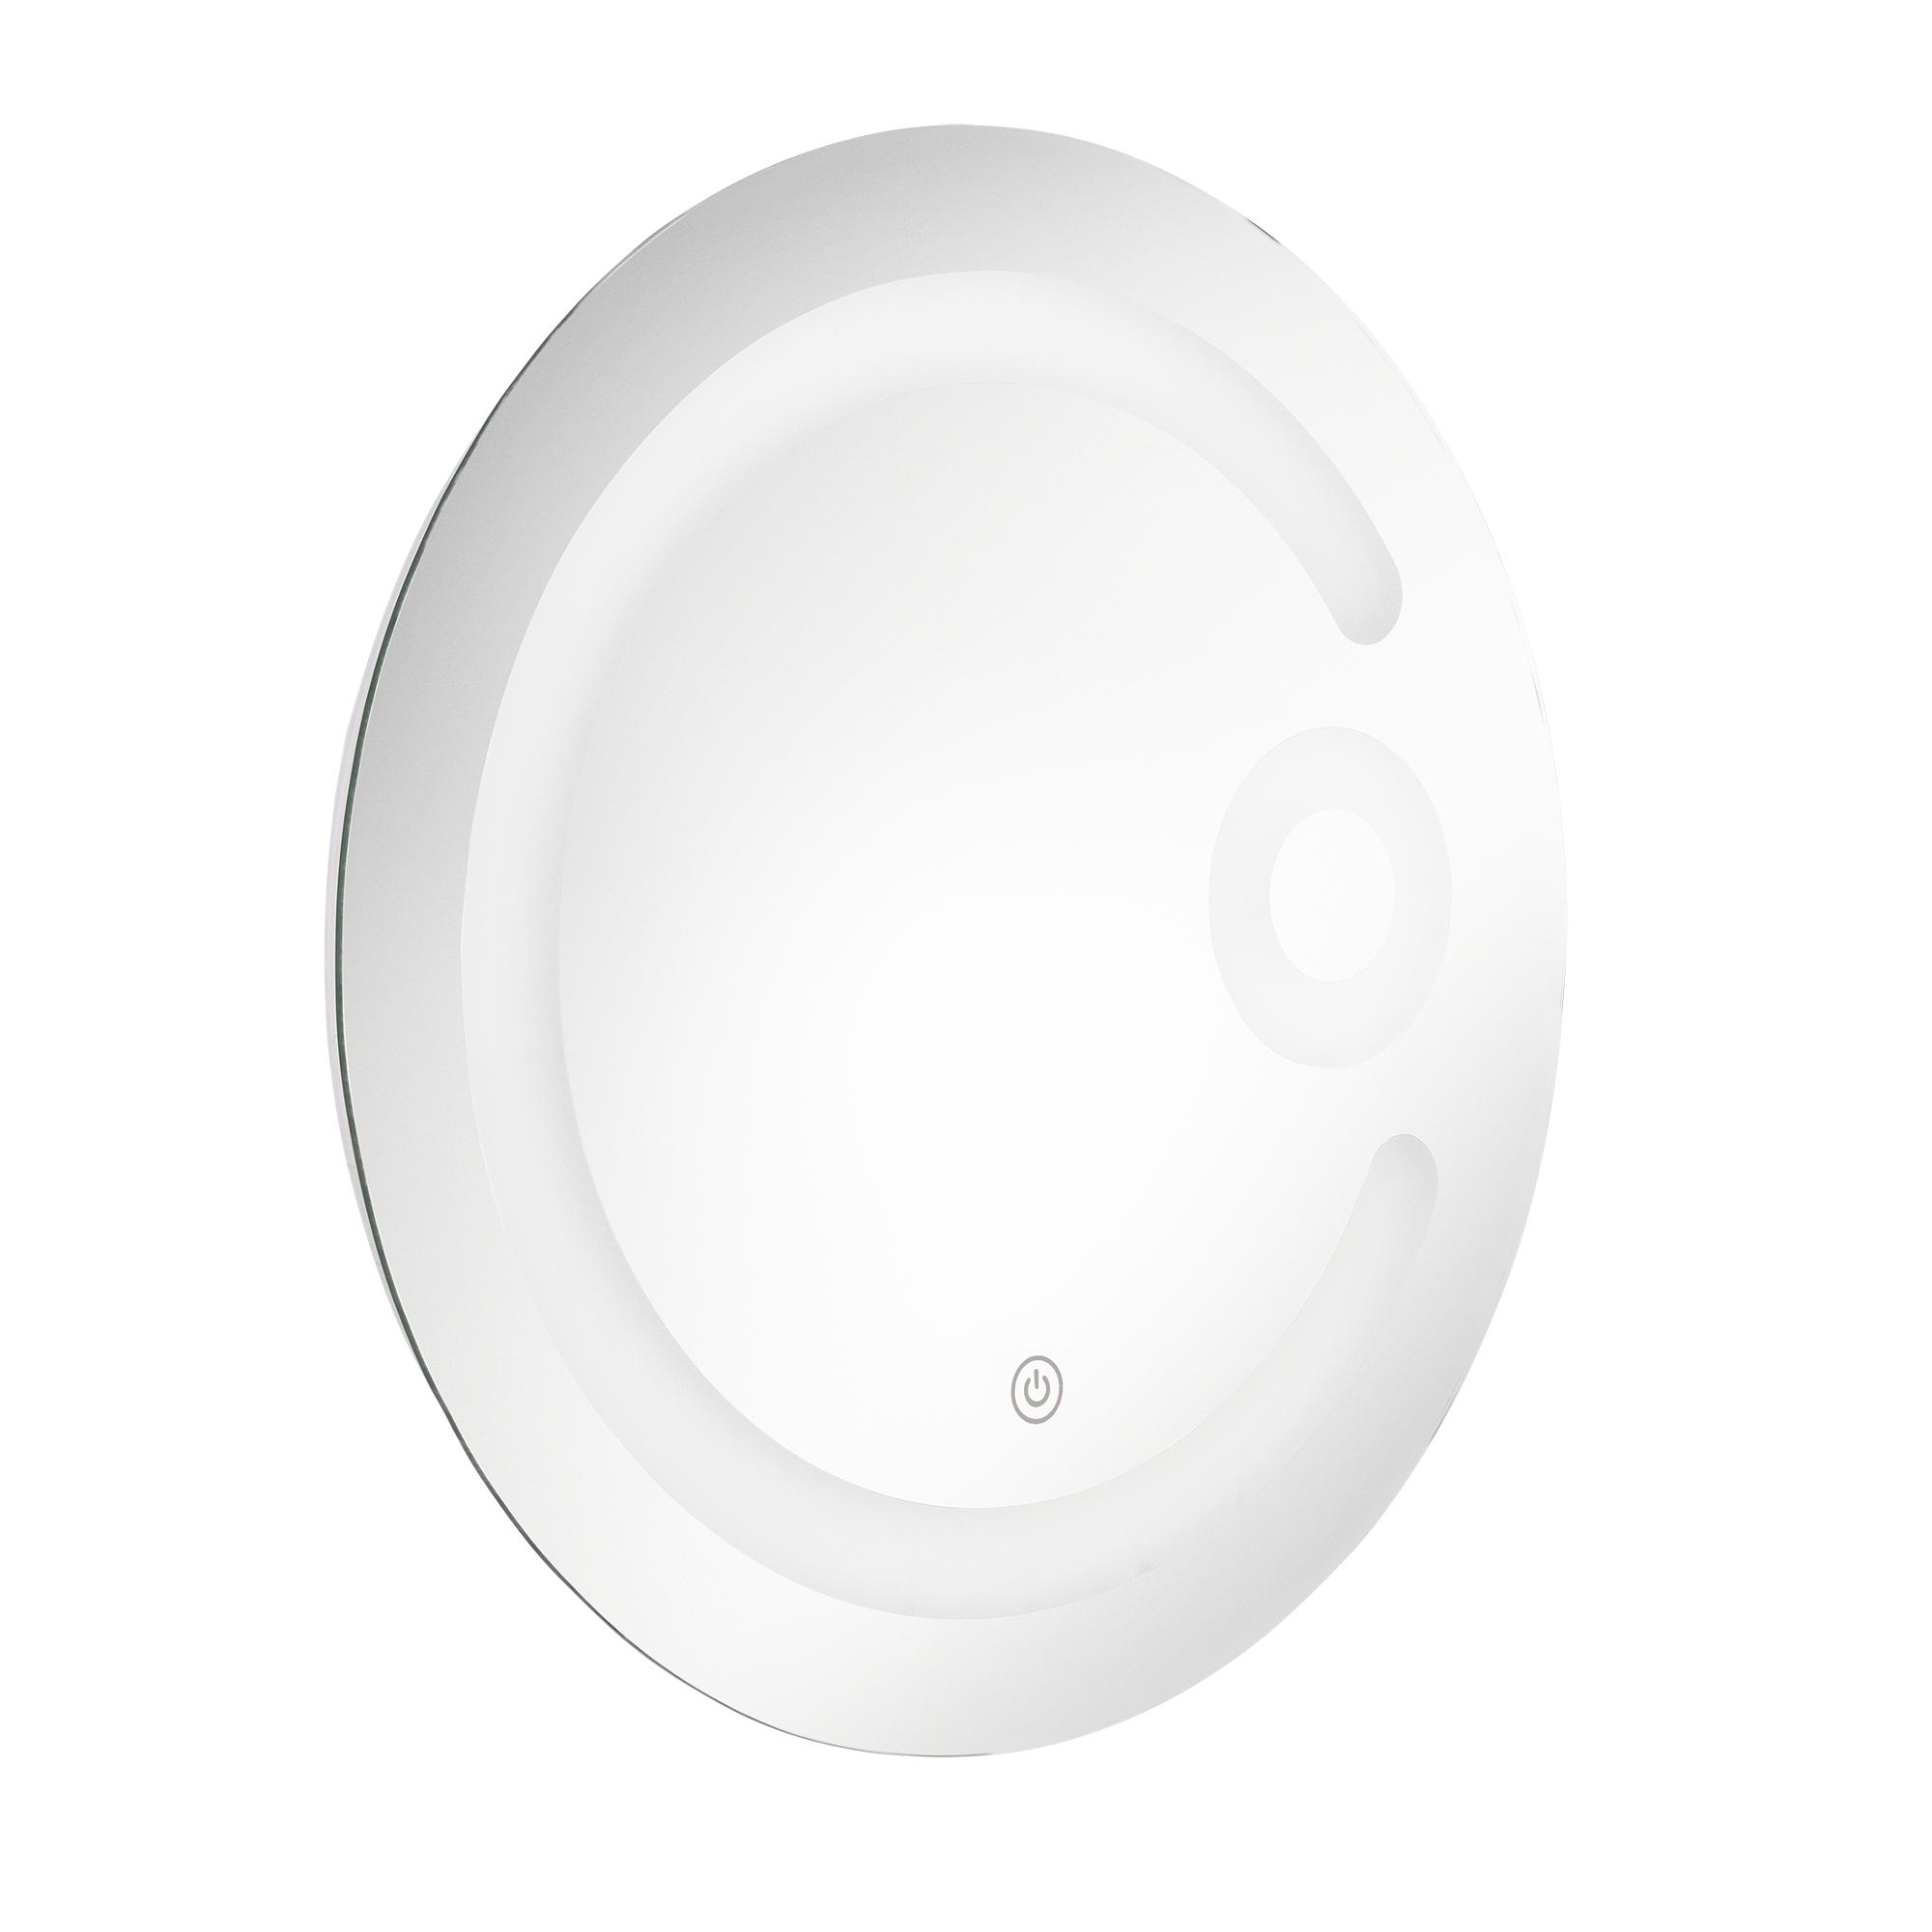 led badezimmerspiegel wandspiegel spiegel kosmetikspiegel rund 60 cm ebay. Black Bedroom Furniture Sets. Home Design Ideas